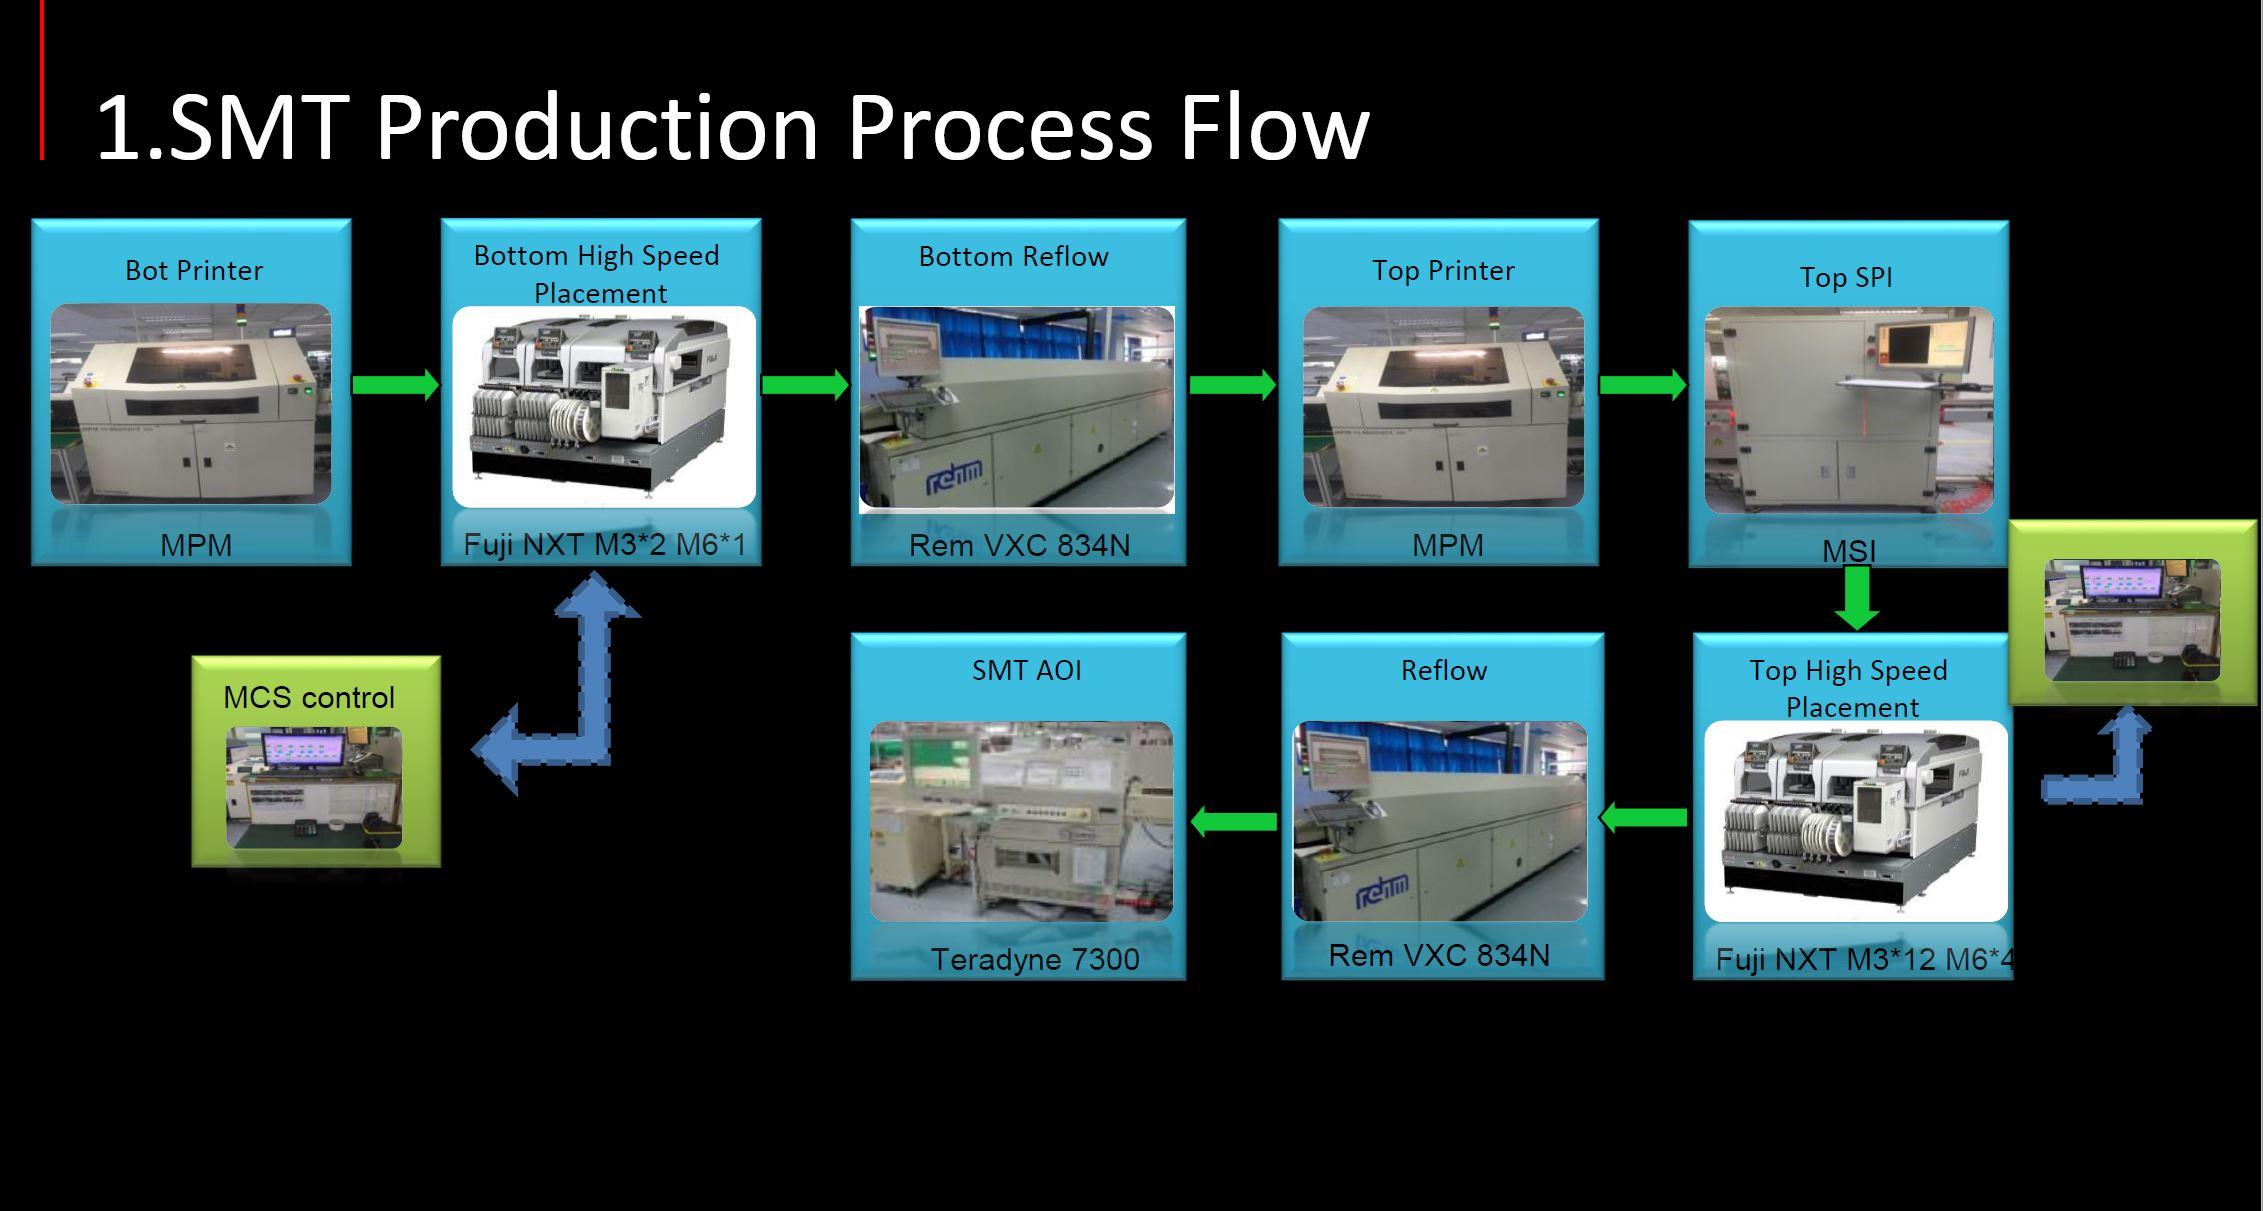 SMT Production Process Flow